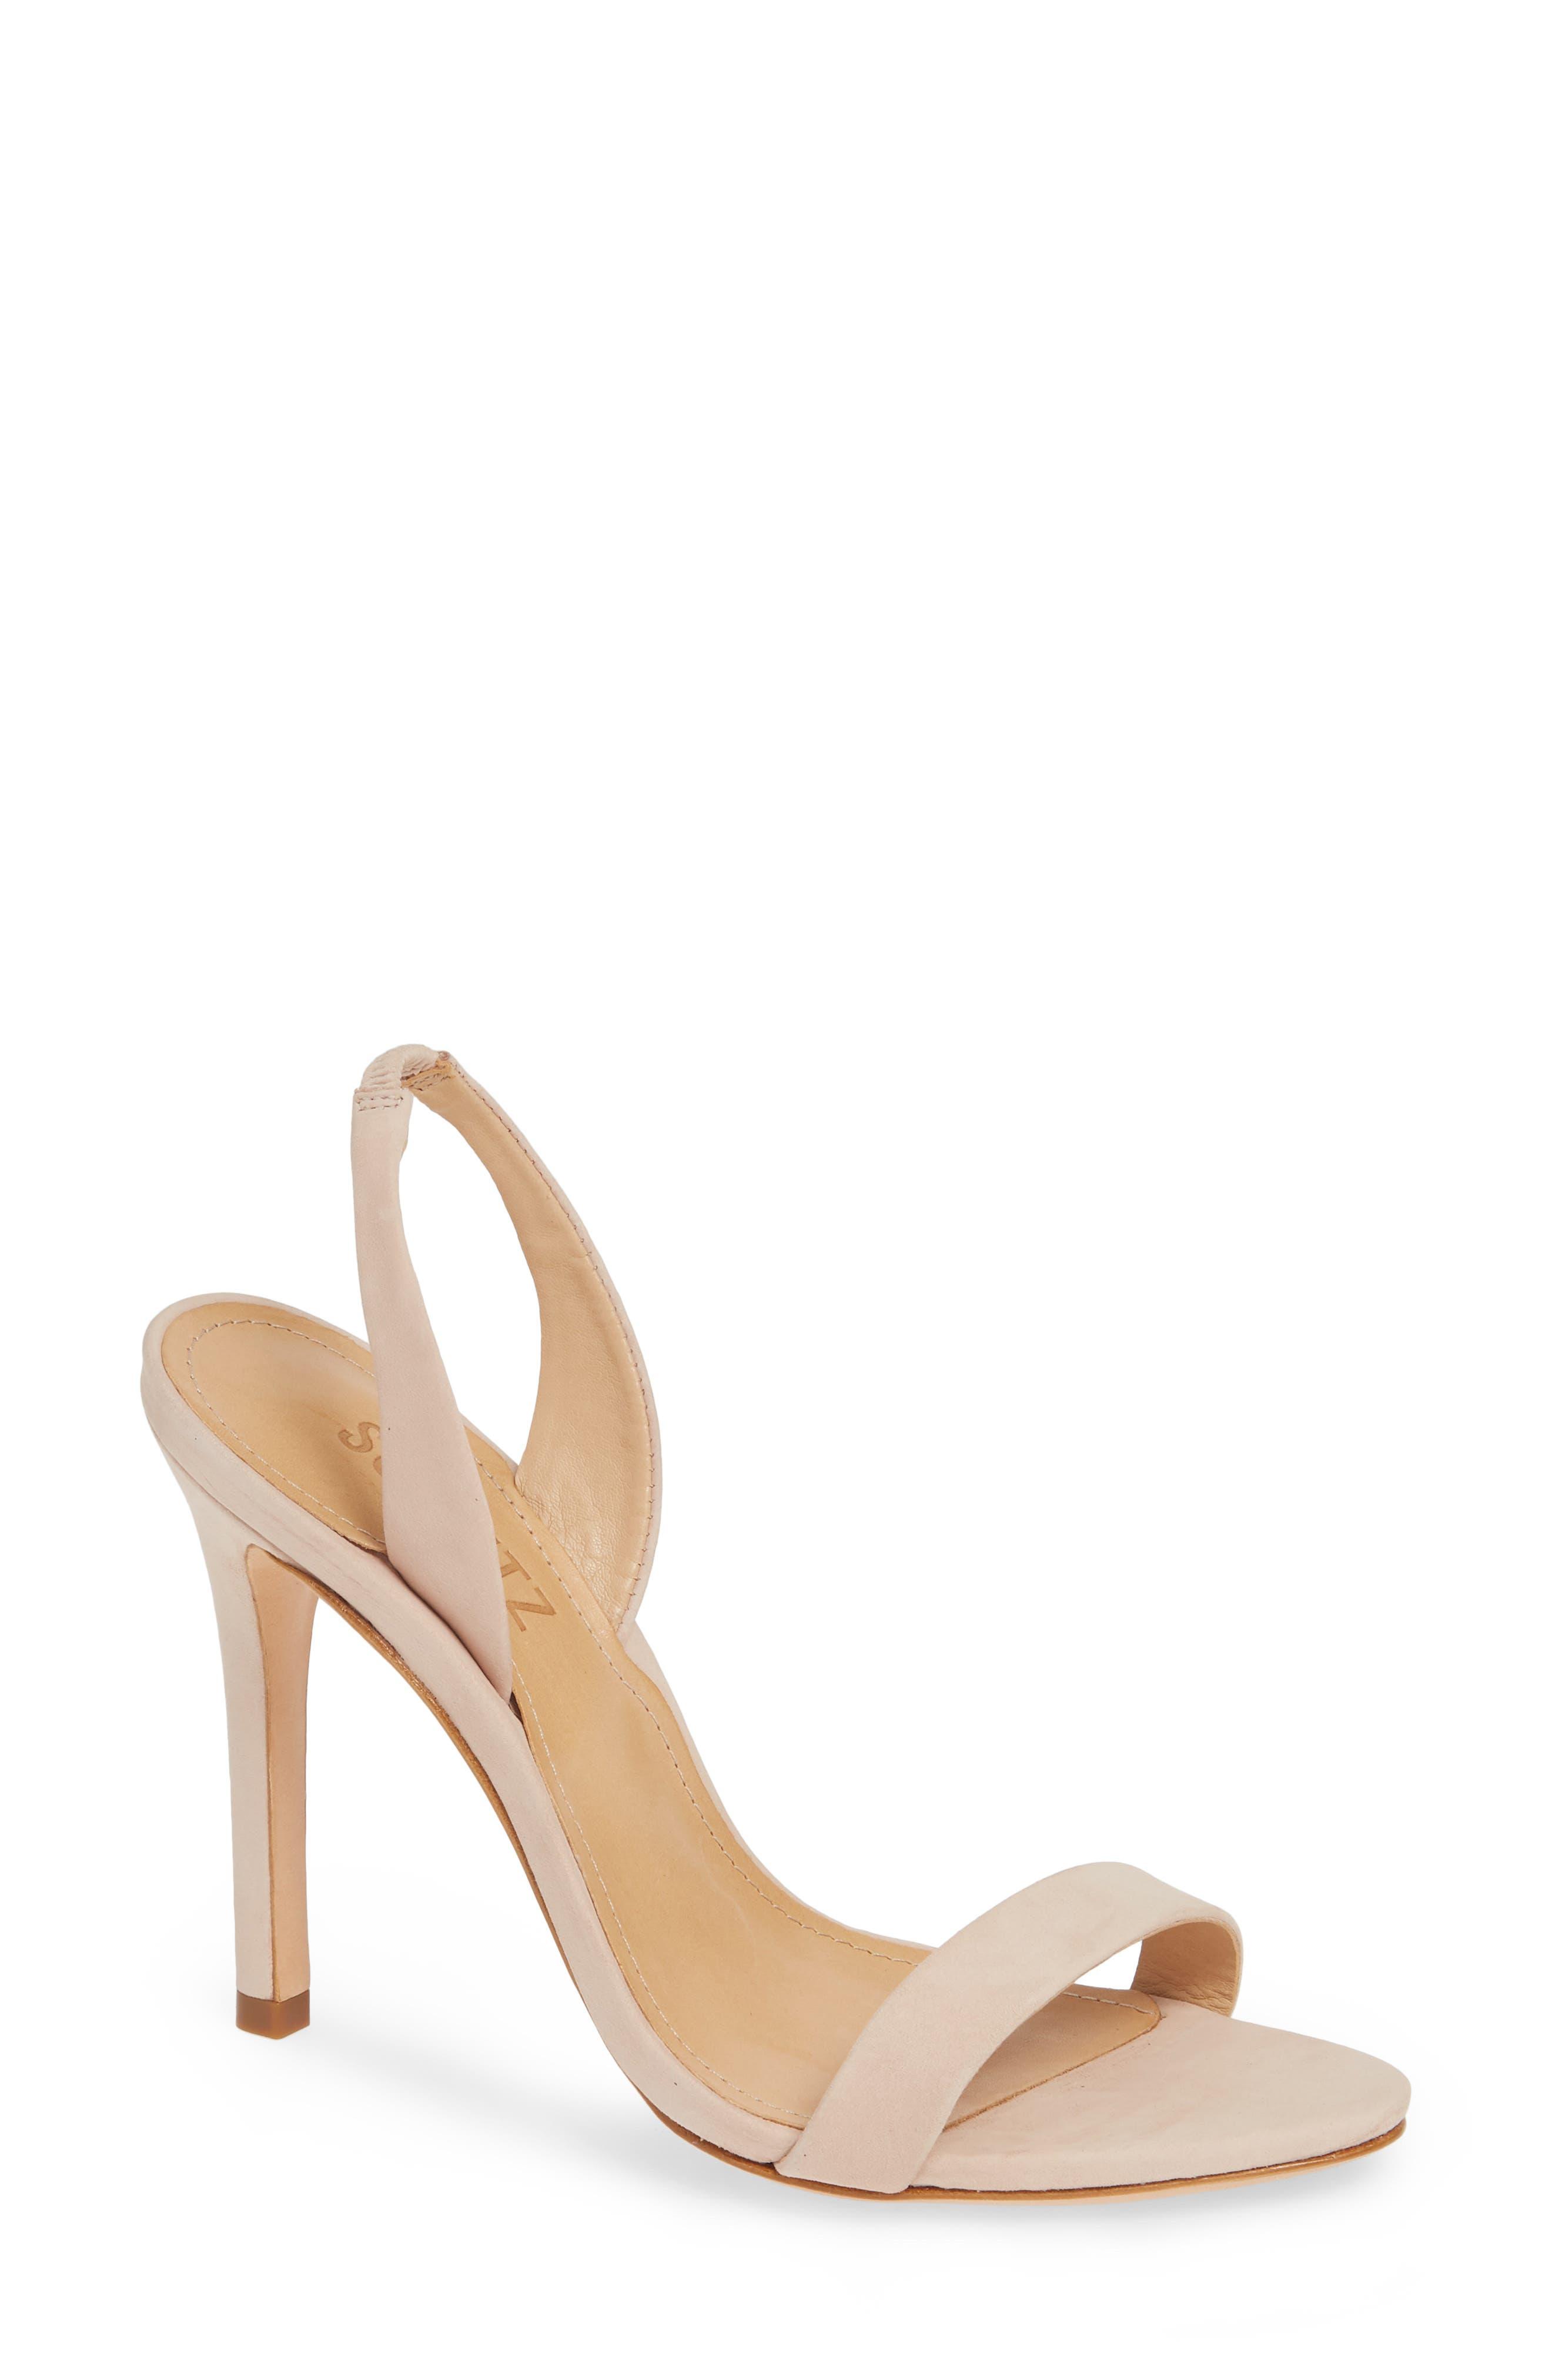 0f39c0dba9d7ce Women s Schutz Shoes